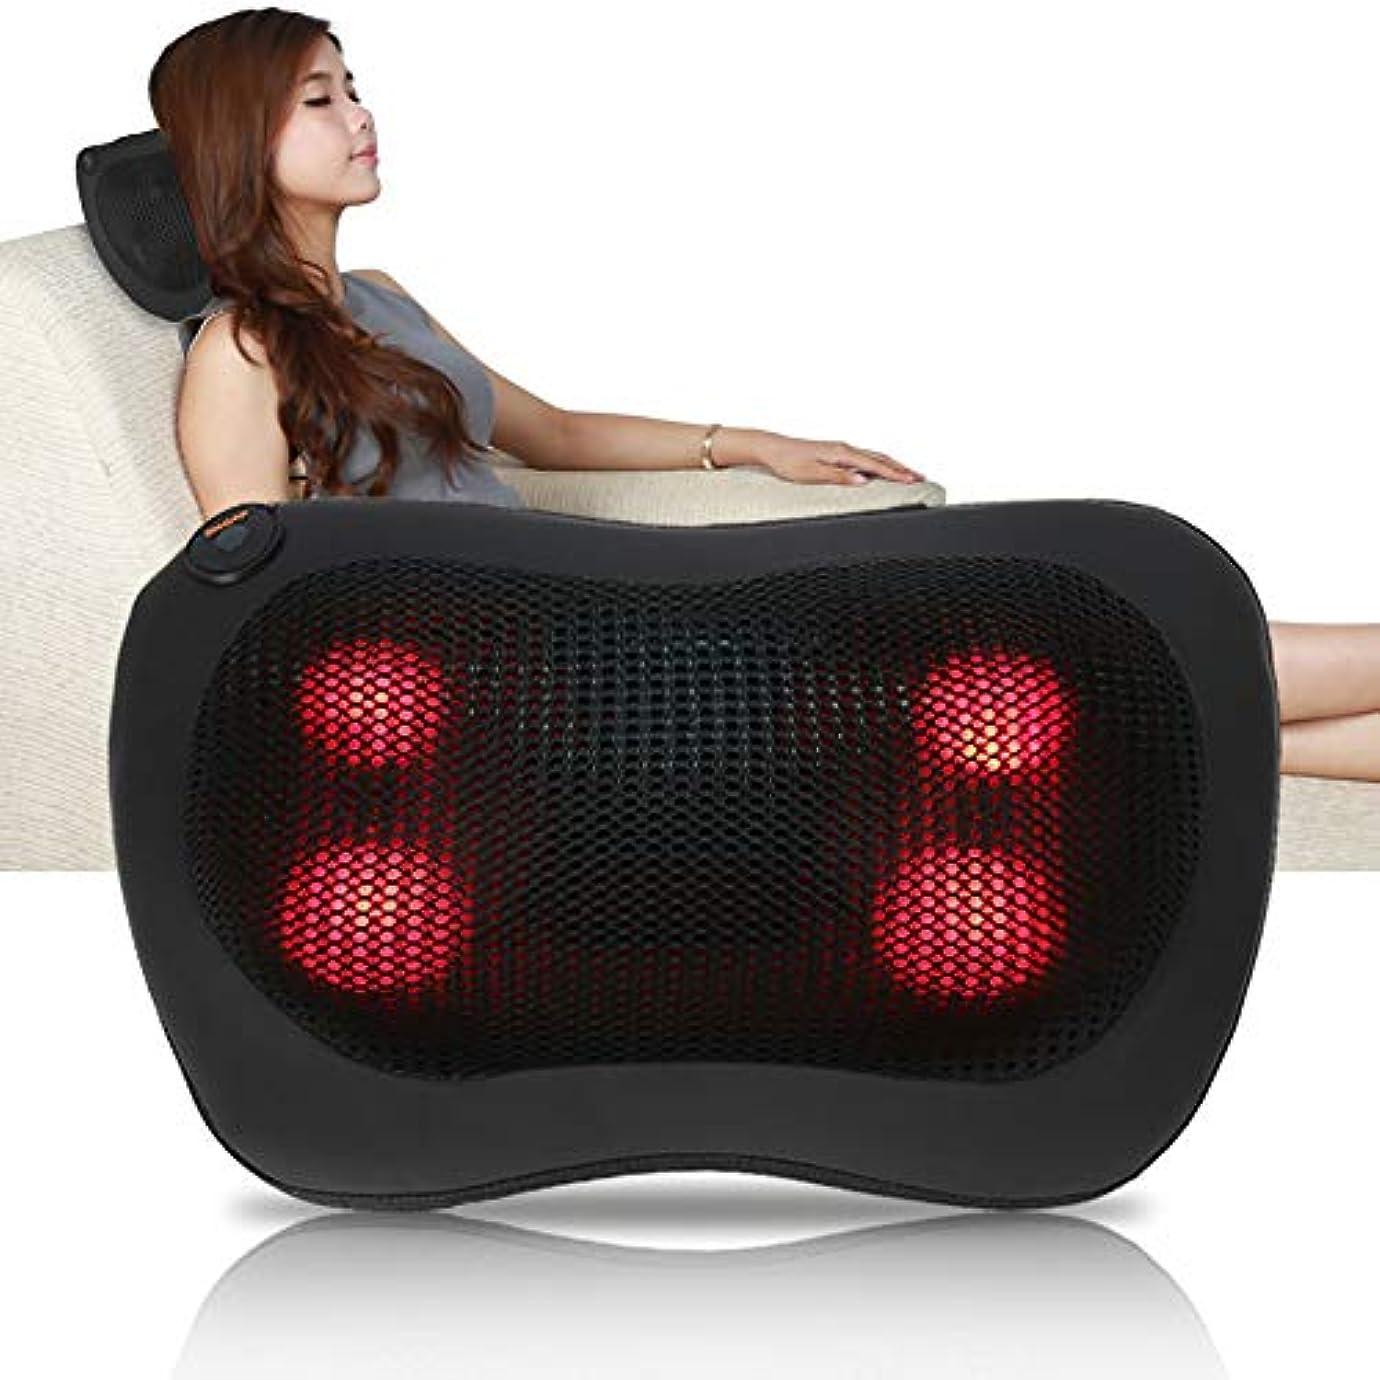 間違えた迷惑契約した携帯用 電気マッサージの枕 暖房療法 首のウエスト 足の腕 マッサージ用具(ブラック)